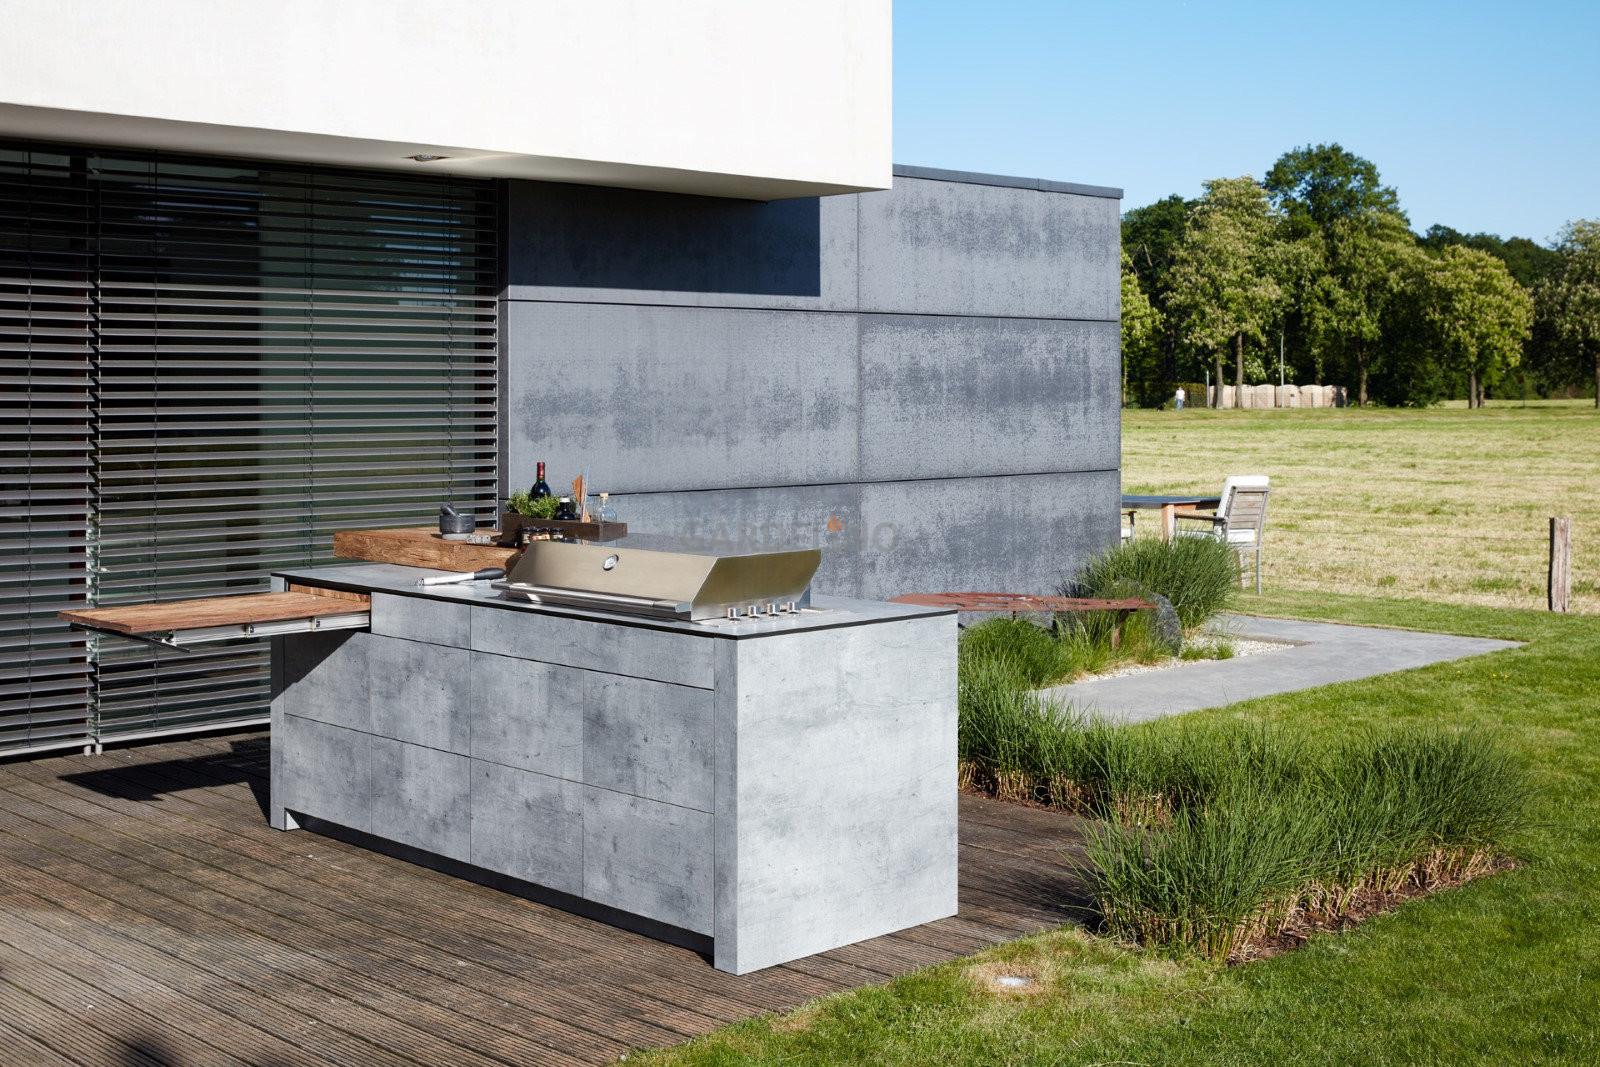 Outdoorküche Klappbar Quietschen : Outdoorküche klappbar quietschen outdoorküche wetterfest outdoor